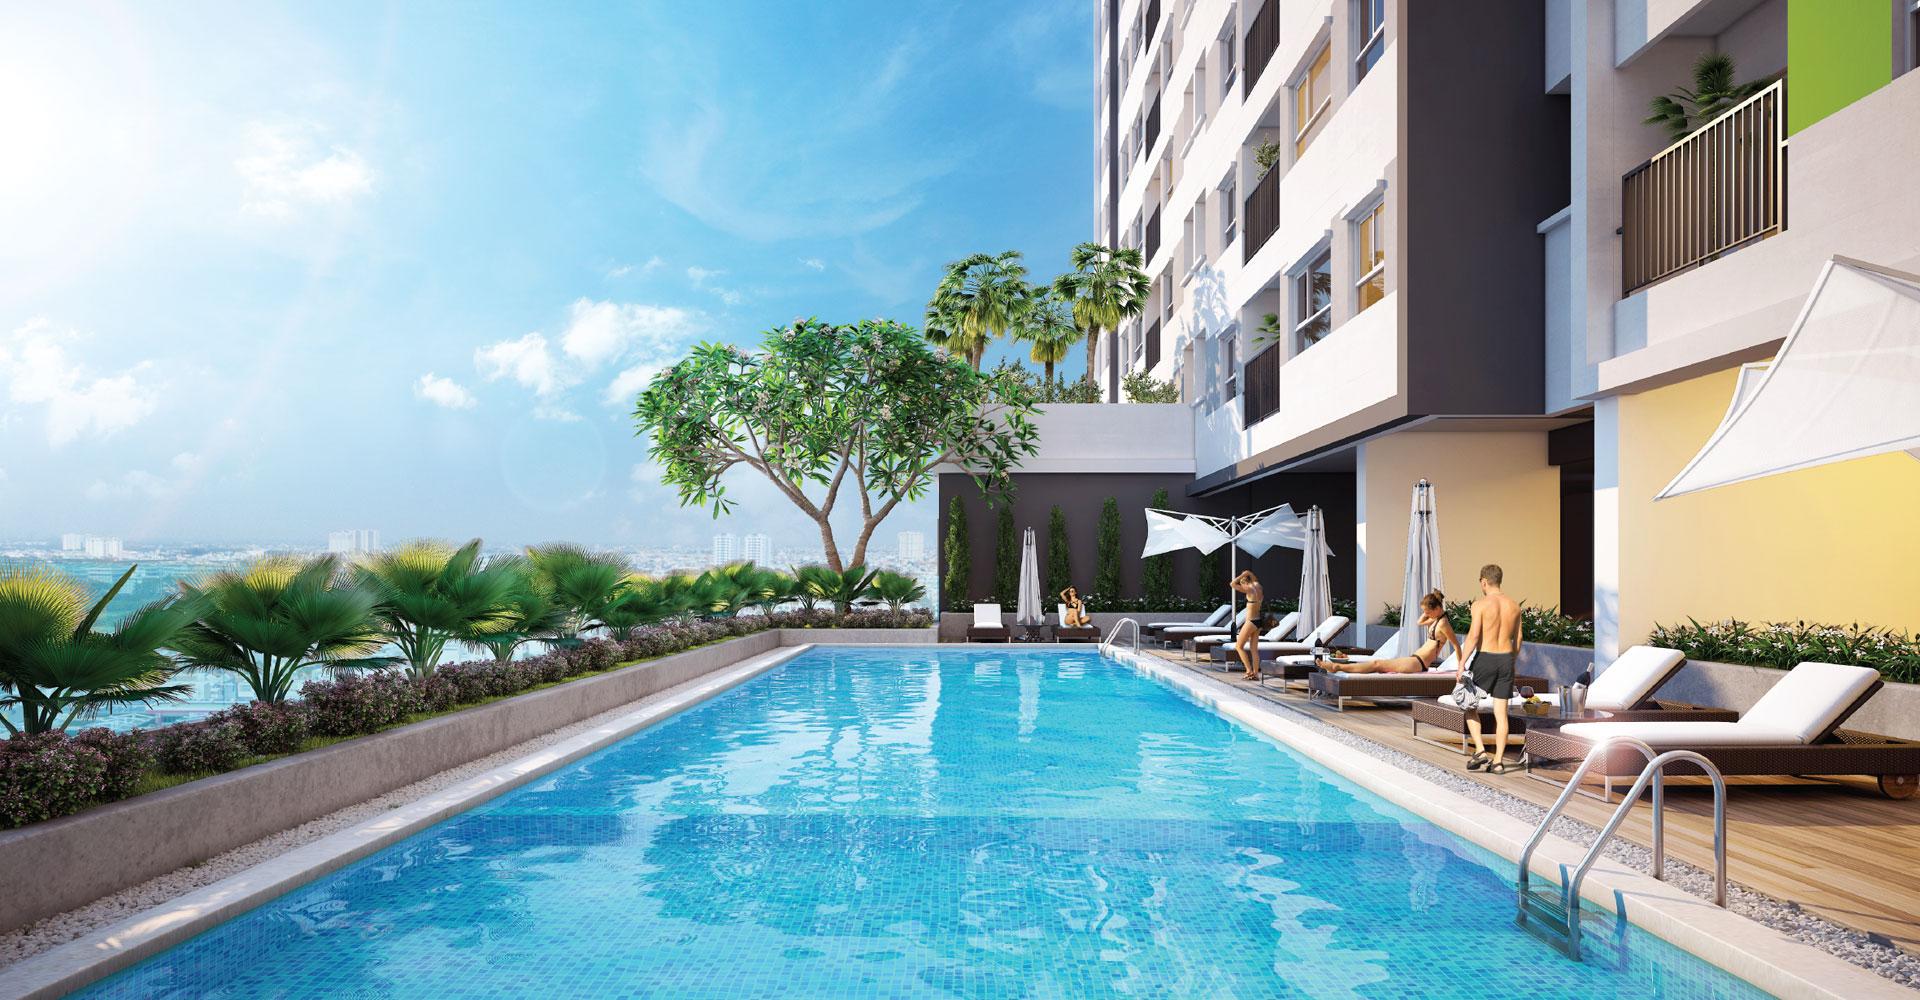 Tất tần tật bảng giá cho thuê căn hộ chung cư Bình Tân【2019】